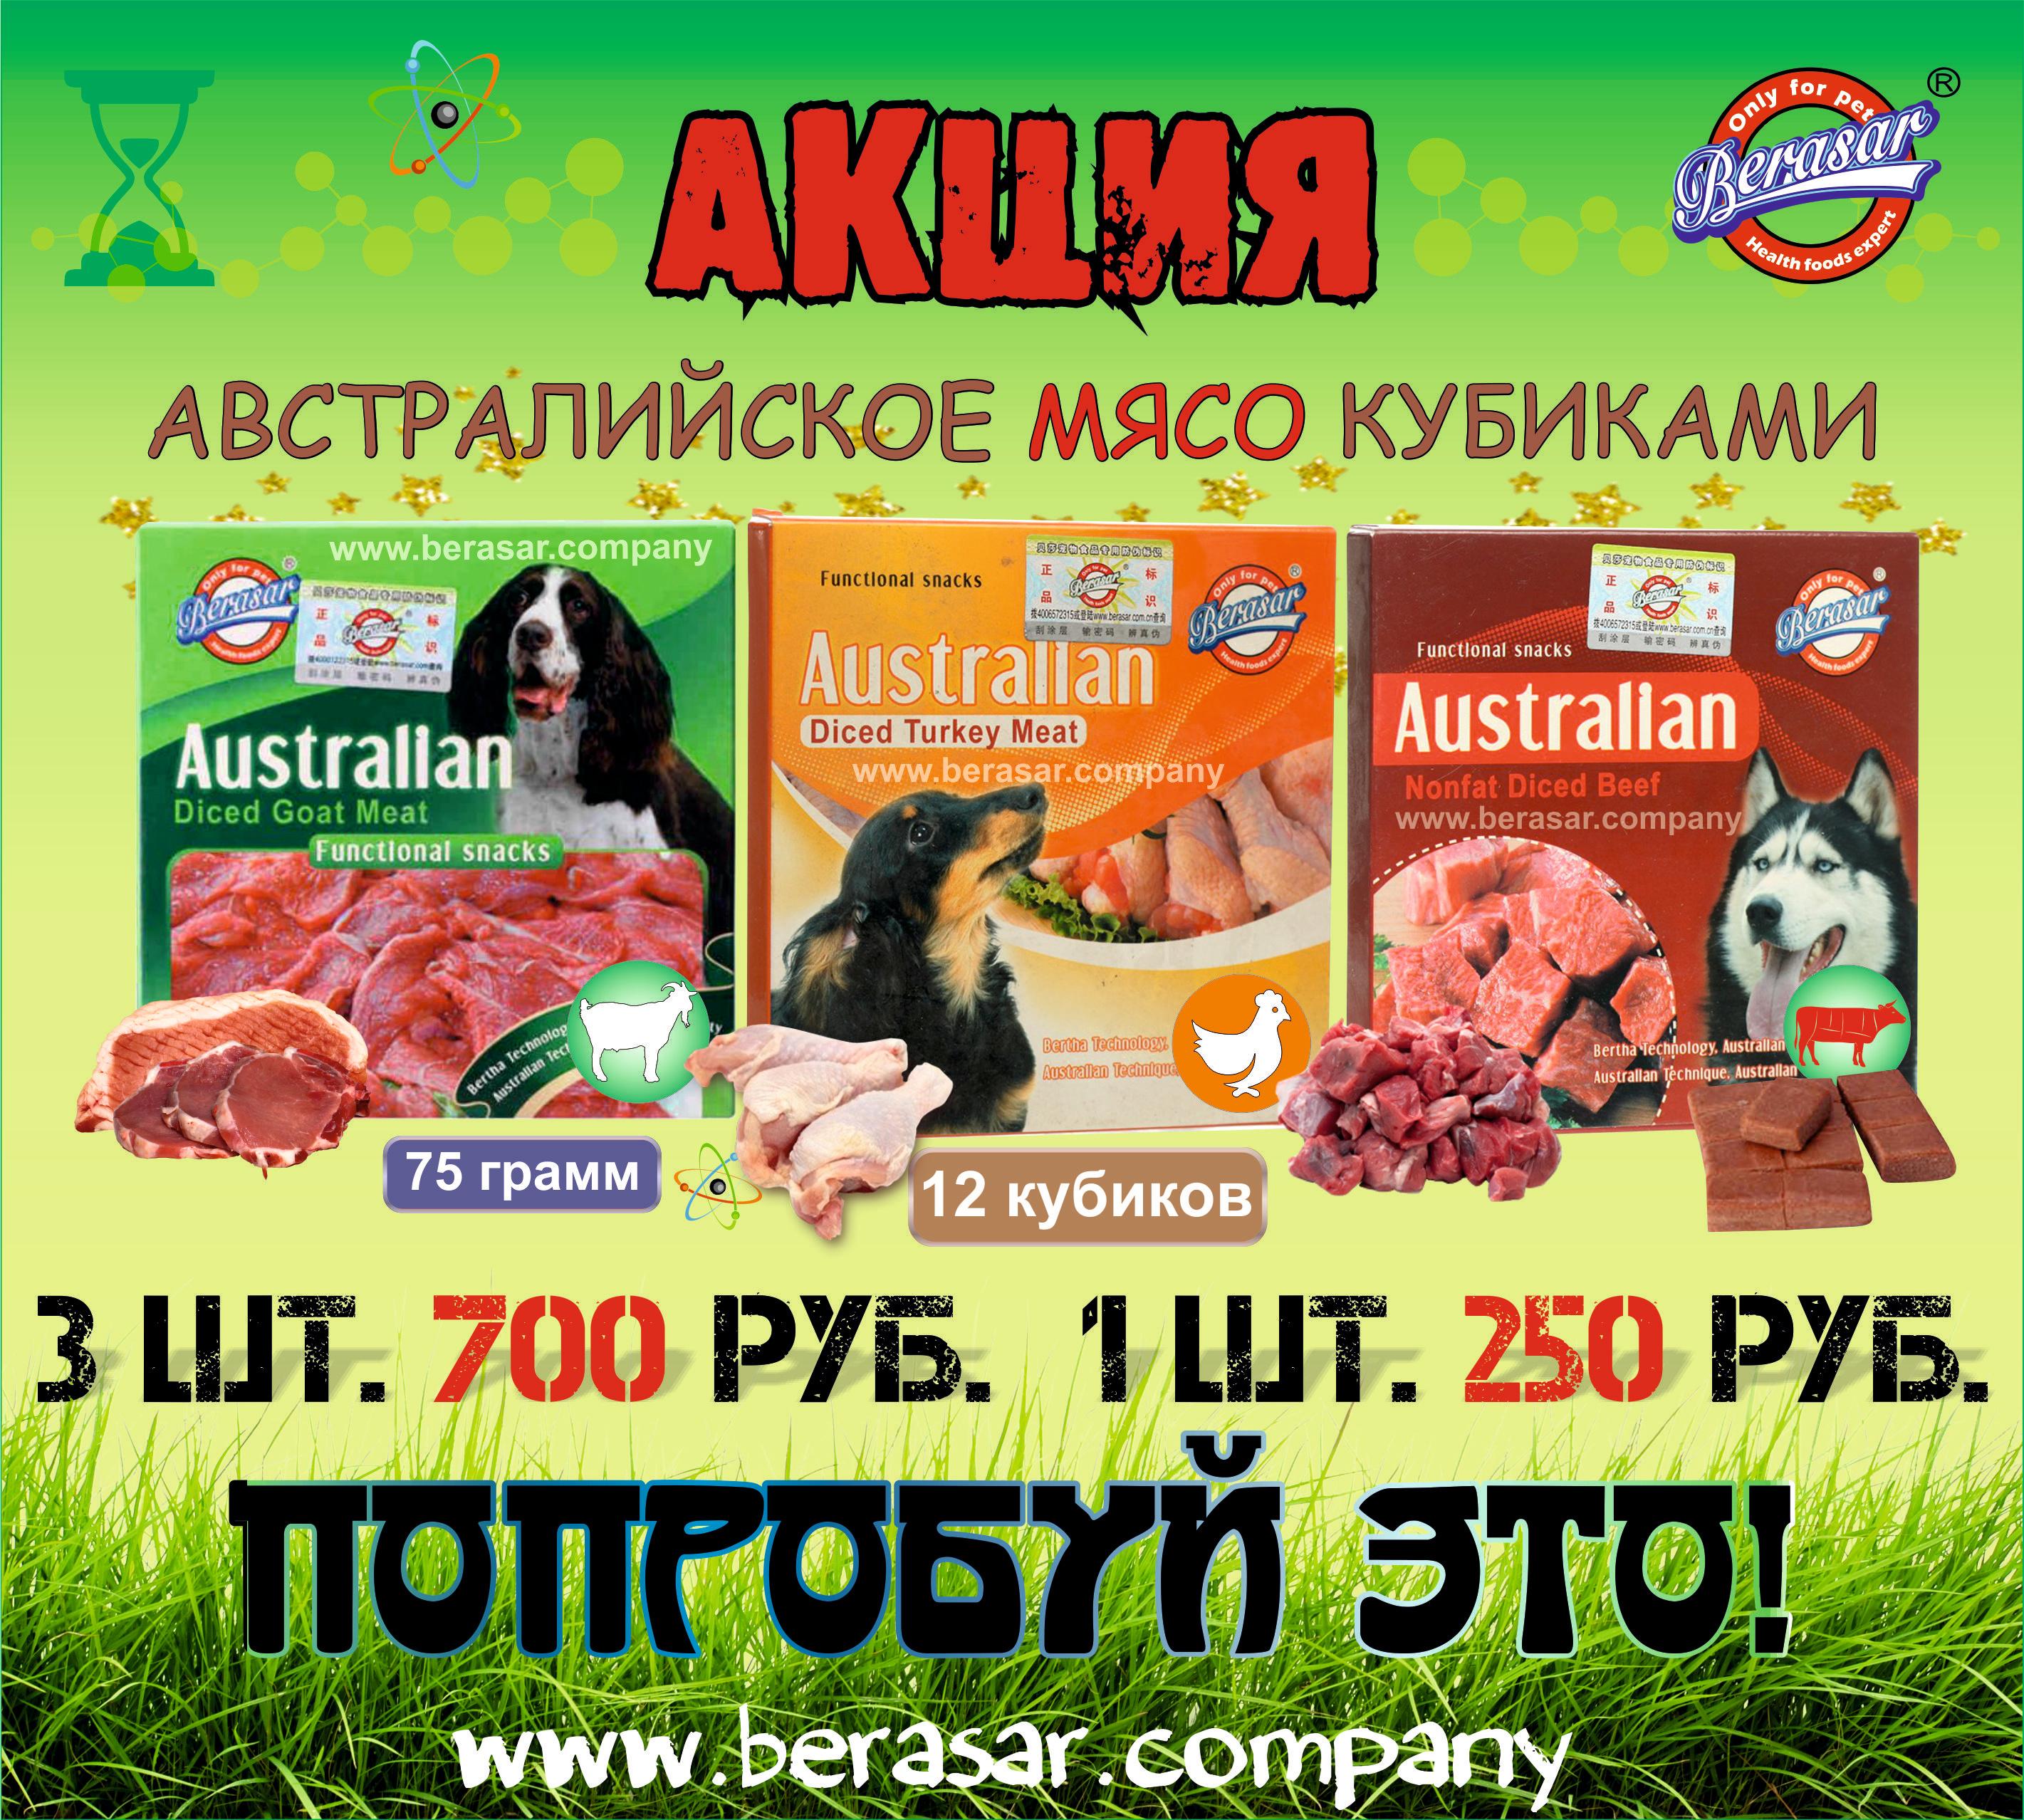 BERASAR - АКЦИЯ - Австралийское мясо кубиками